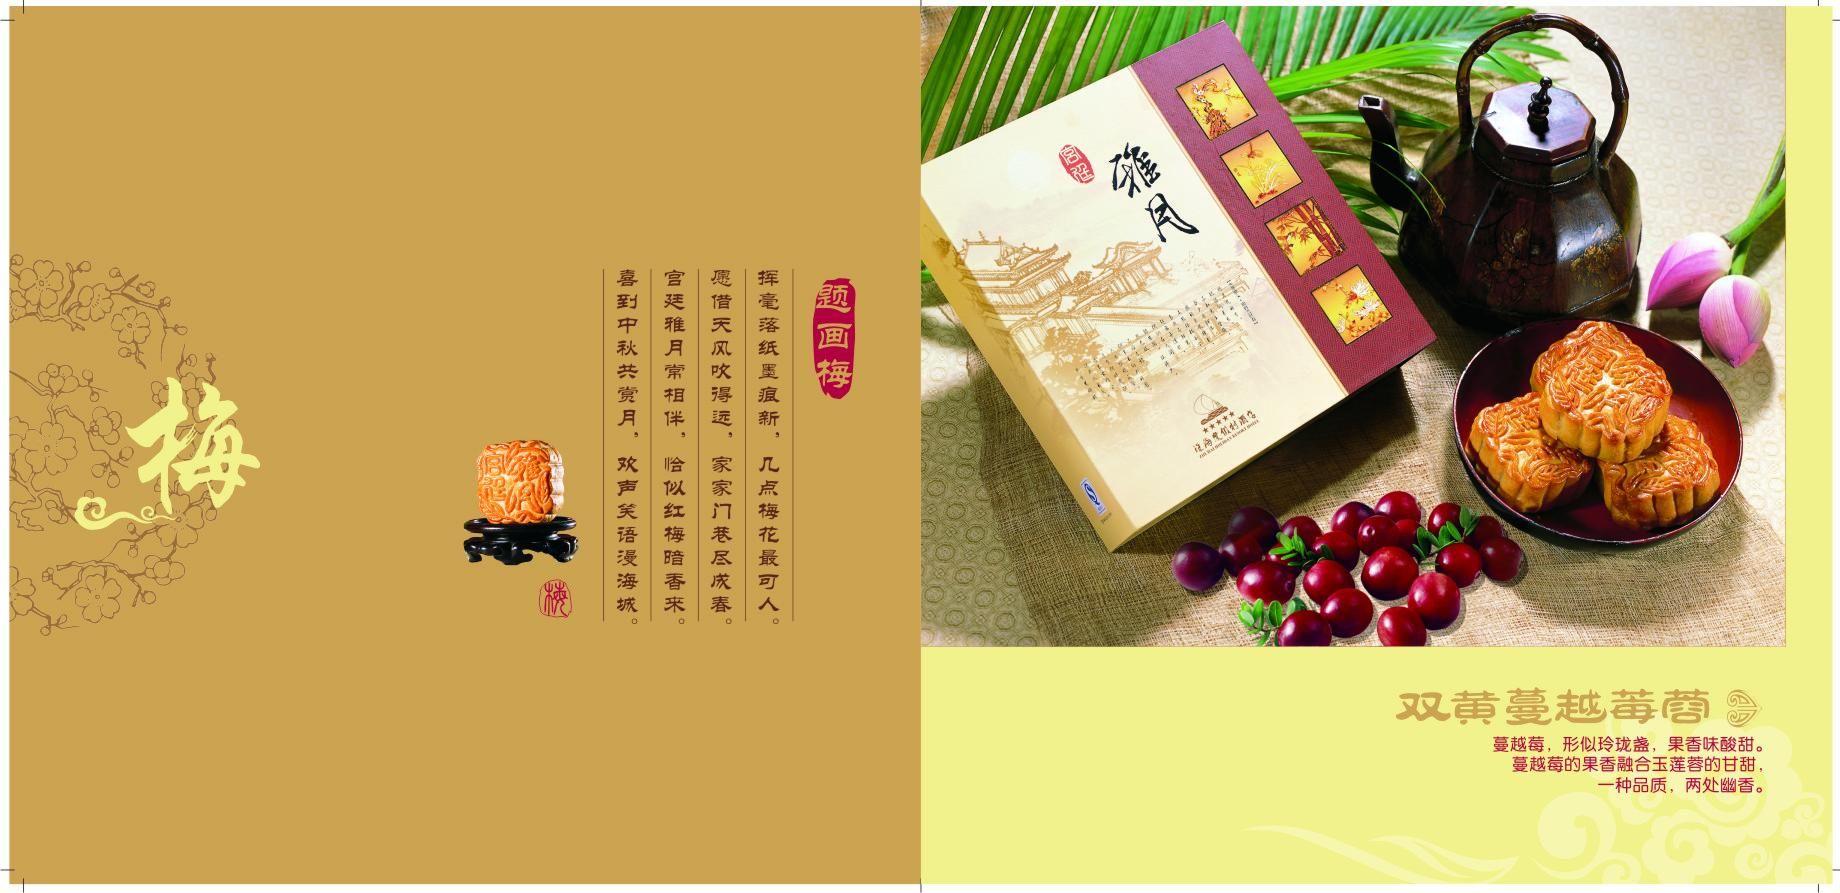 xia设计工作室的空间 红动中国设计空间 珠海度假村月饼画册 画册类